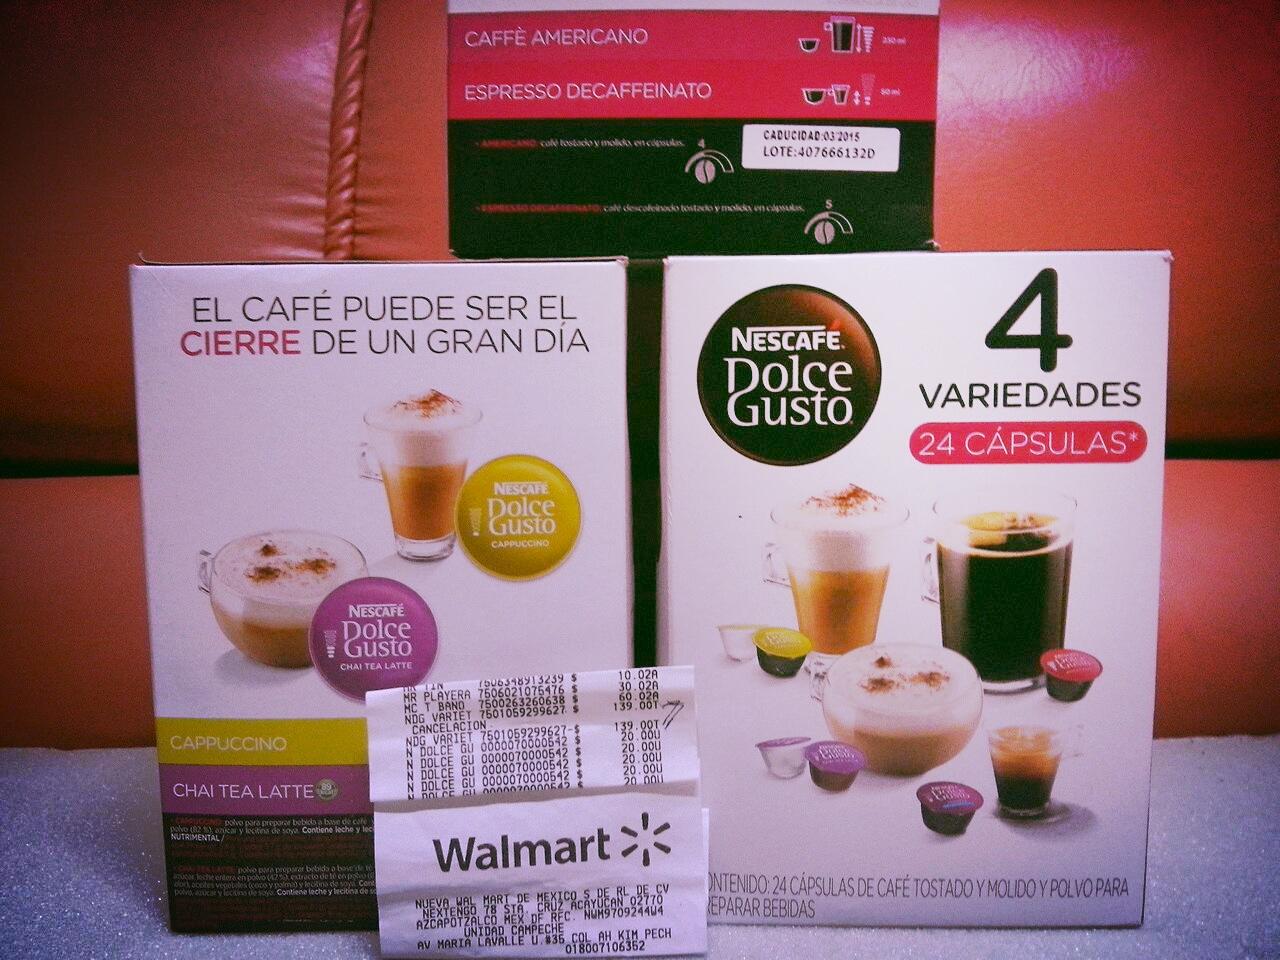 Walmart: Caja con 24 cápsulas Dolce Gusto a $20